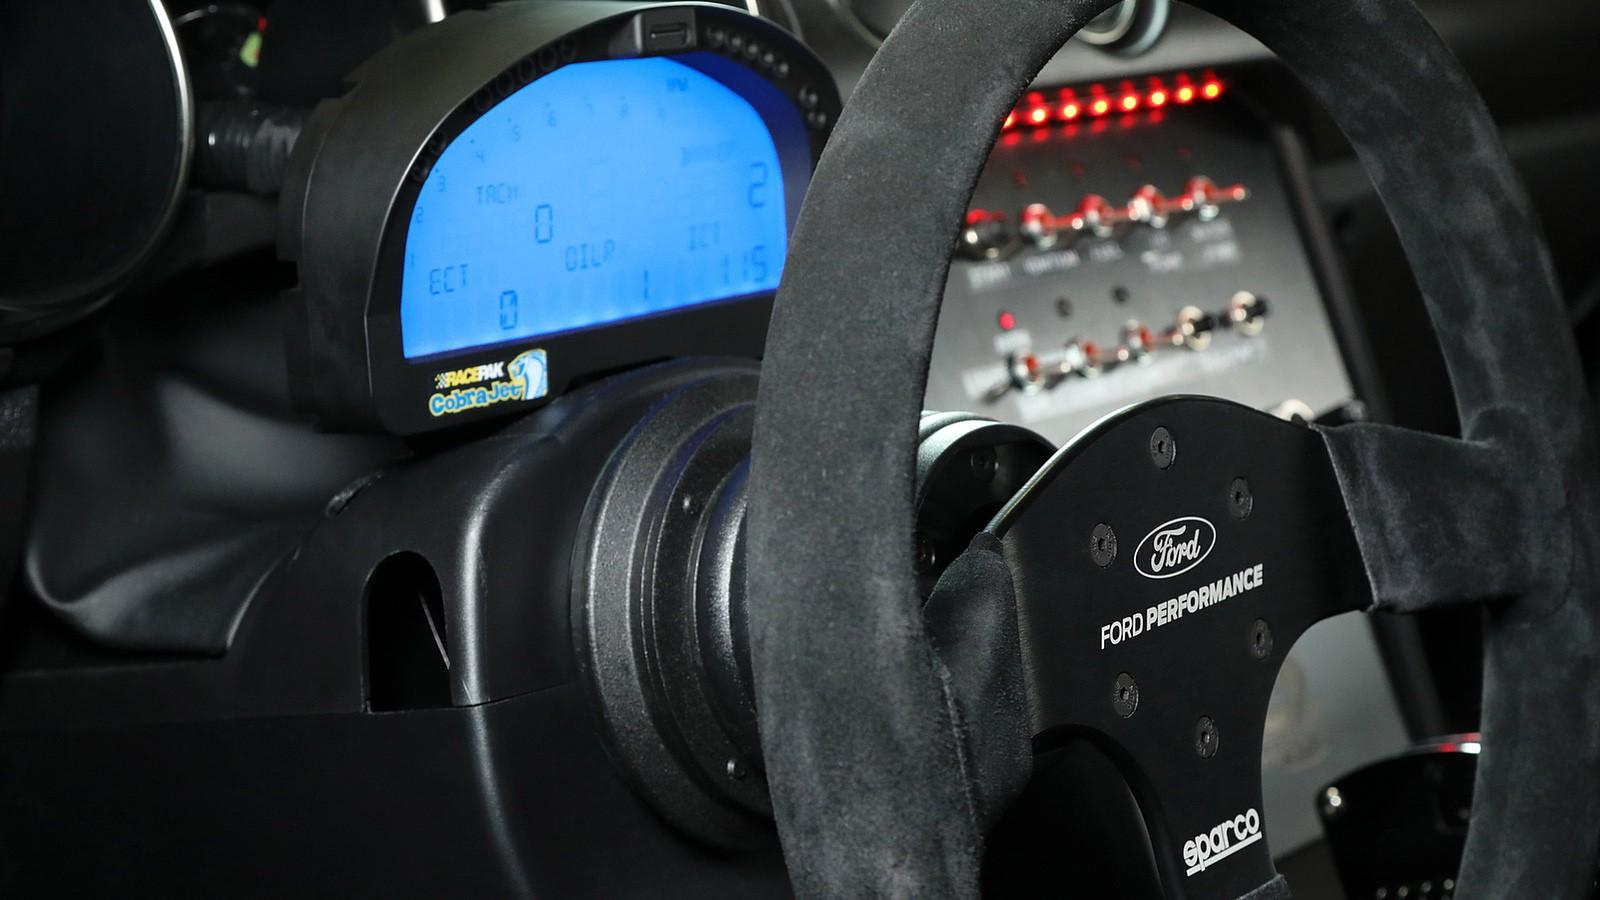 Ford построил самый быстрый Mustang в своей истории - 2018 Ford Mustang Cobra Jet